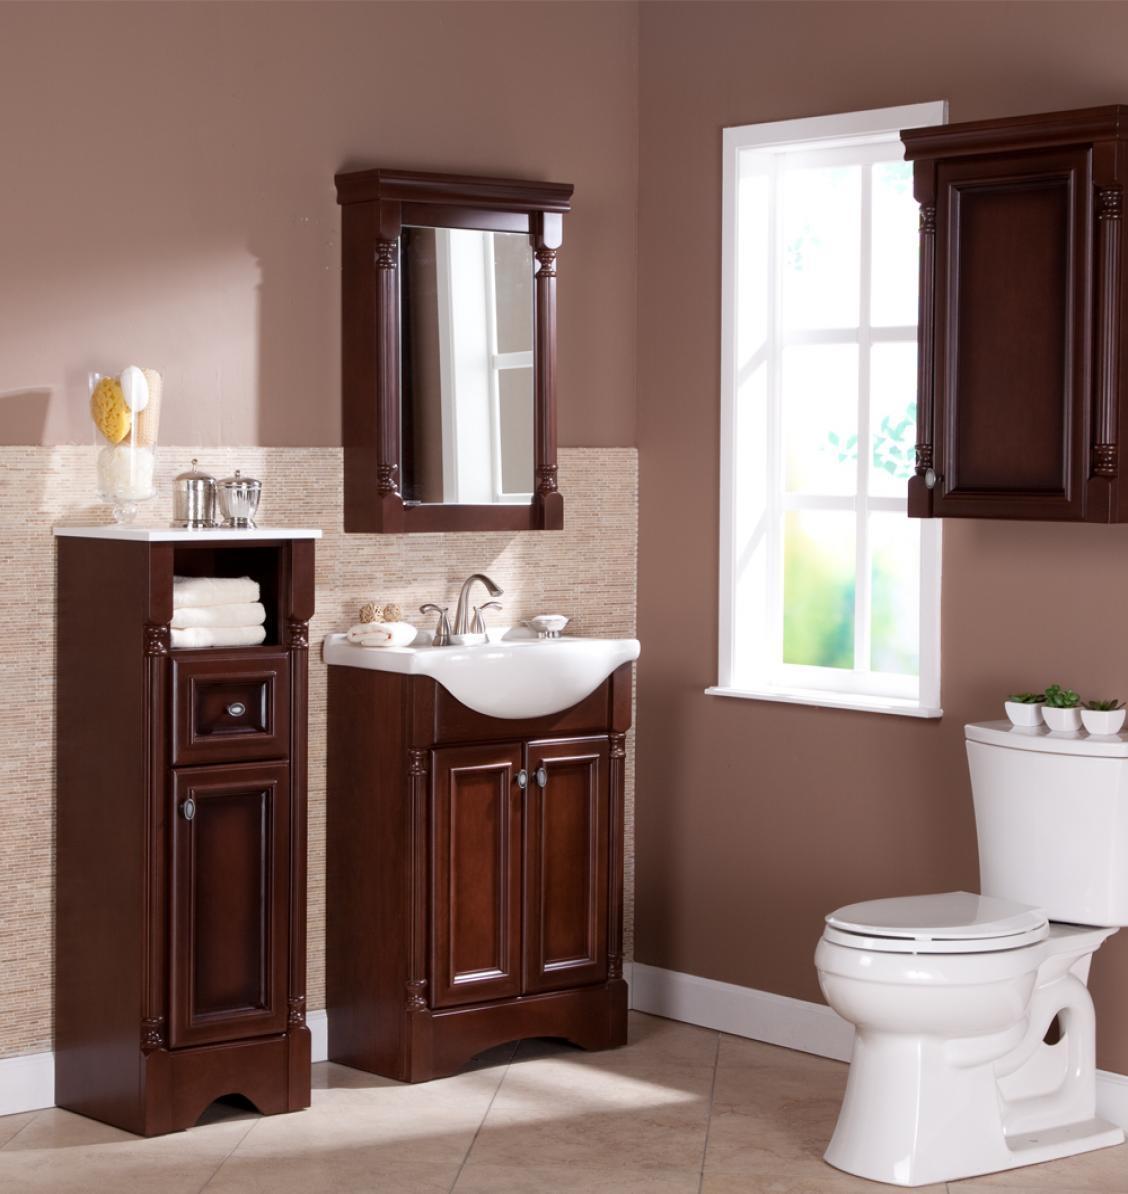 Gabinete Para Baño Madera:vanidad antigua roja 1029 del cuarto de baño de madera de gabinete